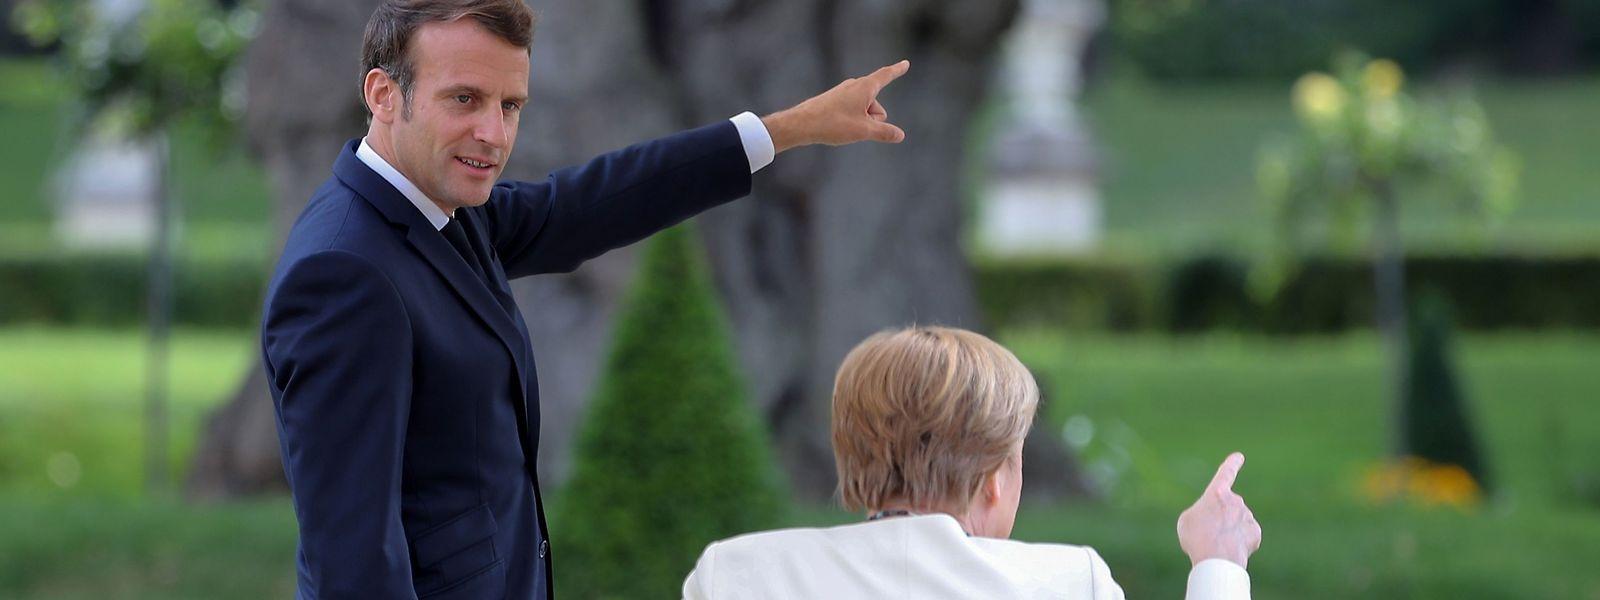 Hohe Erwartungen im Vorfeld der Ratspräsidentschaft: Gemeinsam mit Emmanuel Macron soll Angela Merkel den stotternden EU-Motor wieder zum Laufen bringen und die Richtung vorgeben.